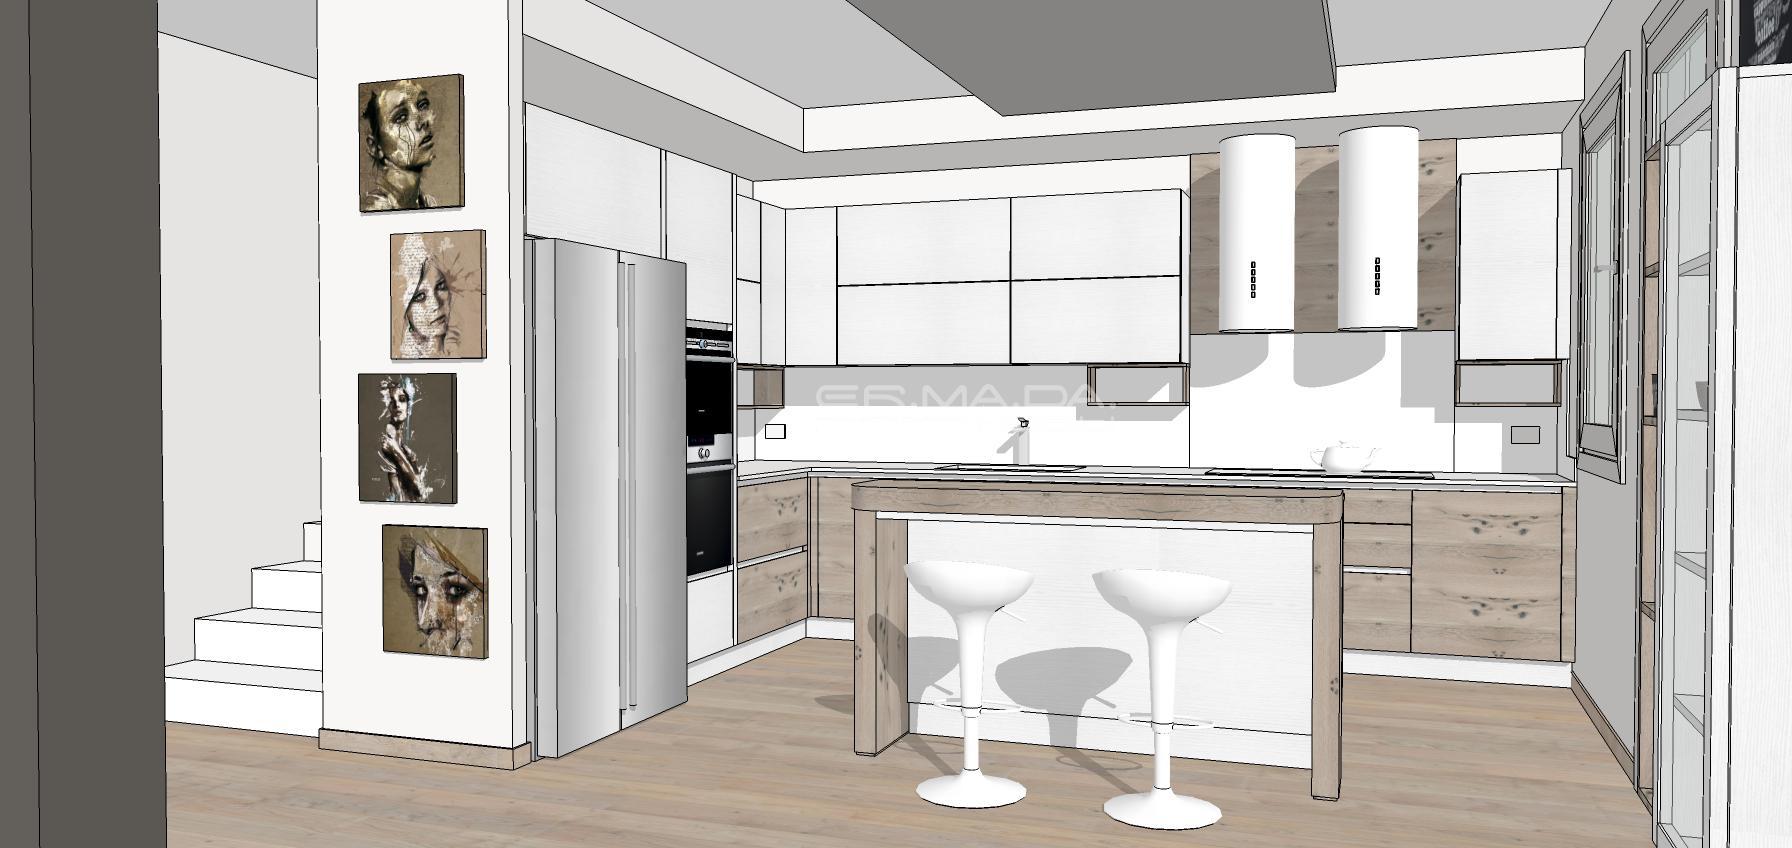 cucina 16 er ma da mobilificio progetta e On progetta i tuoi mobili